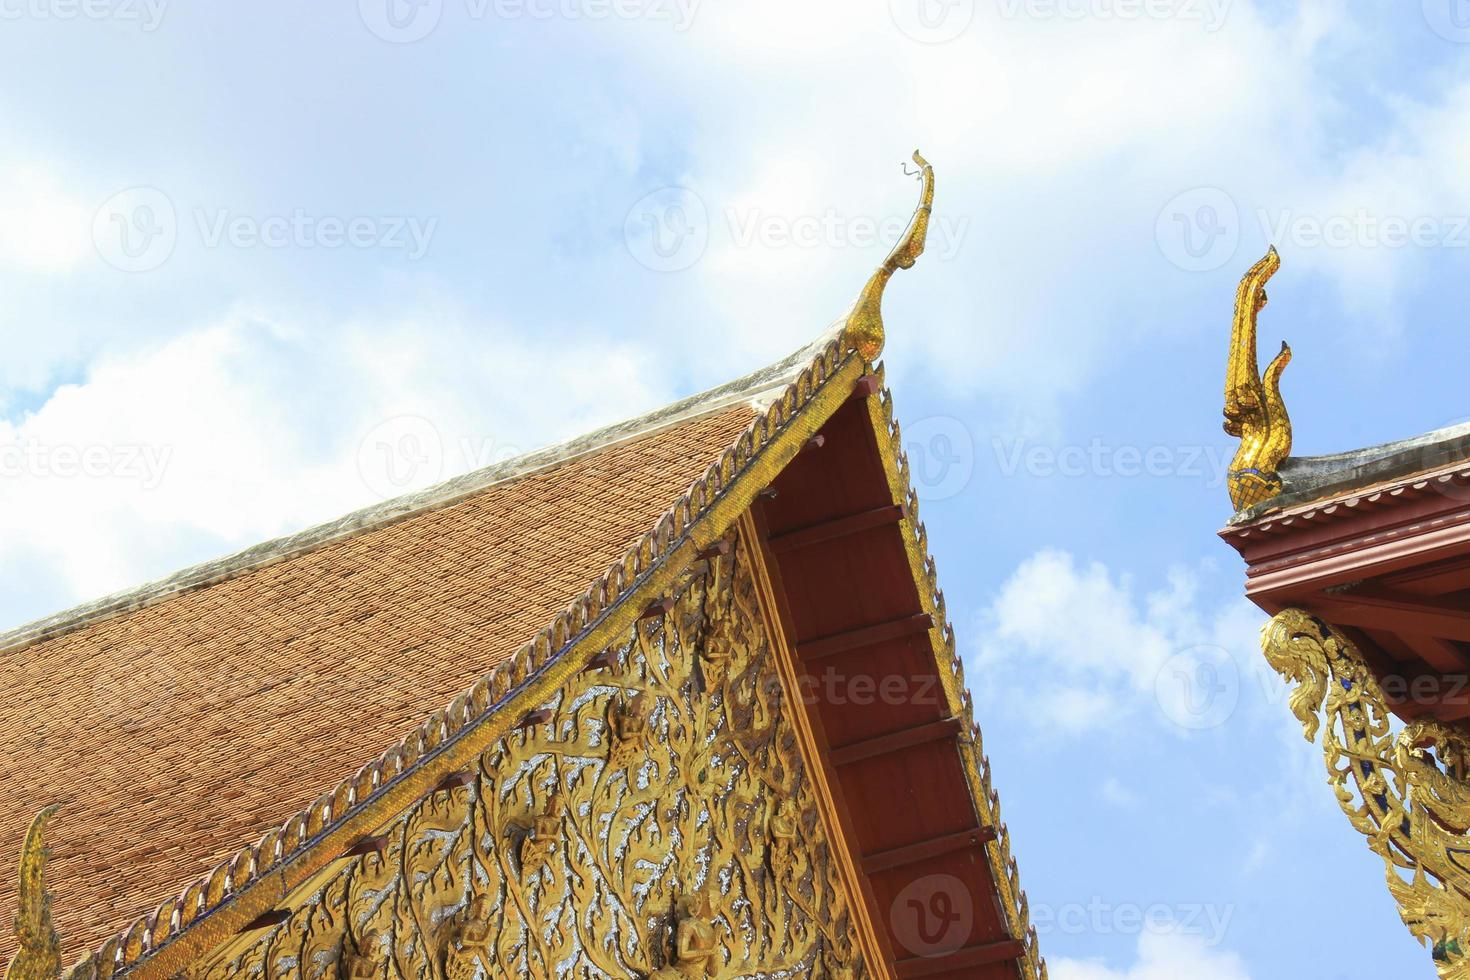 toit du temple thaïlandais photo